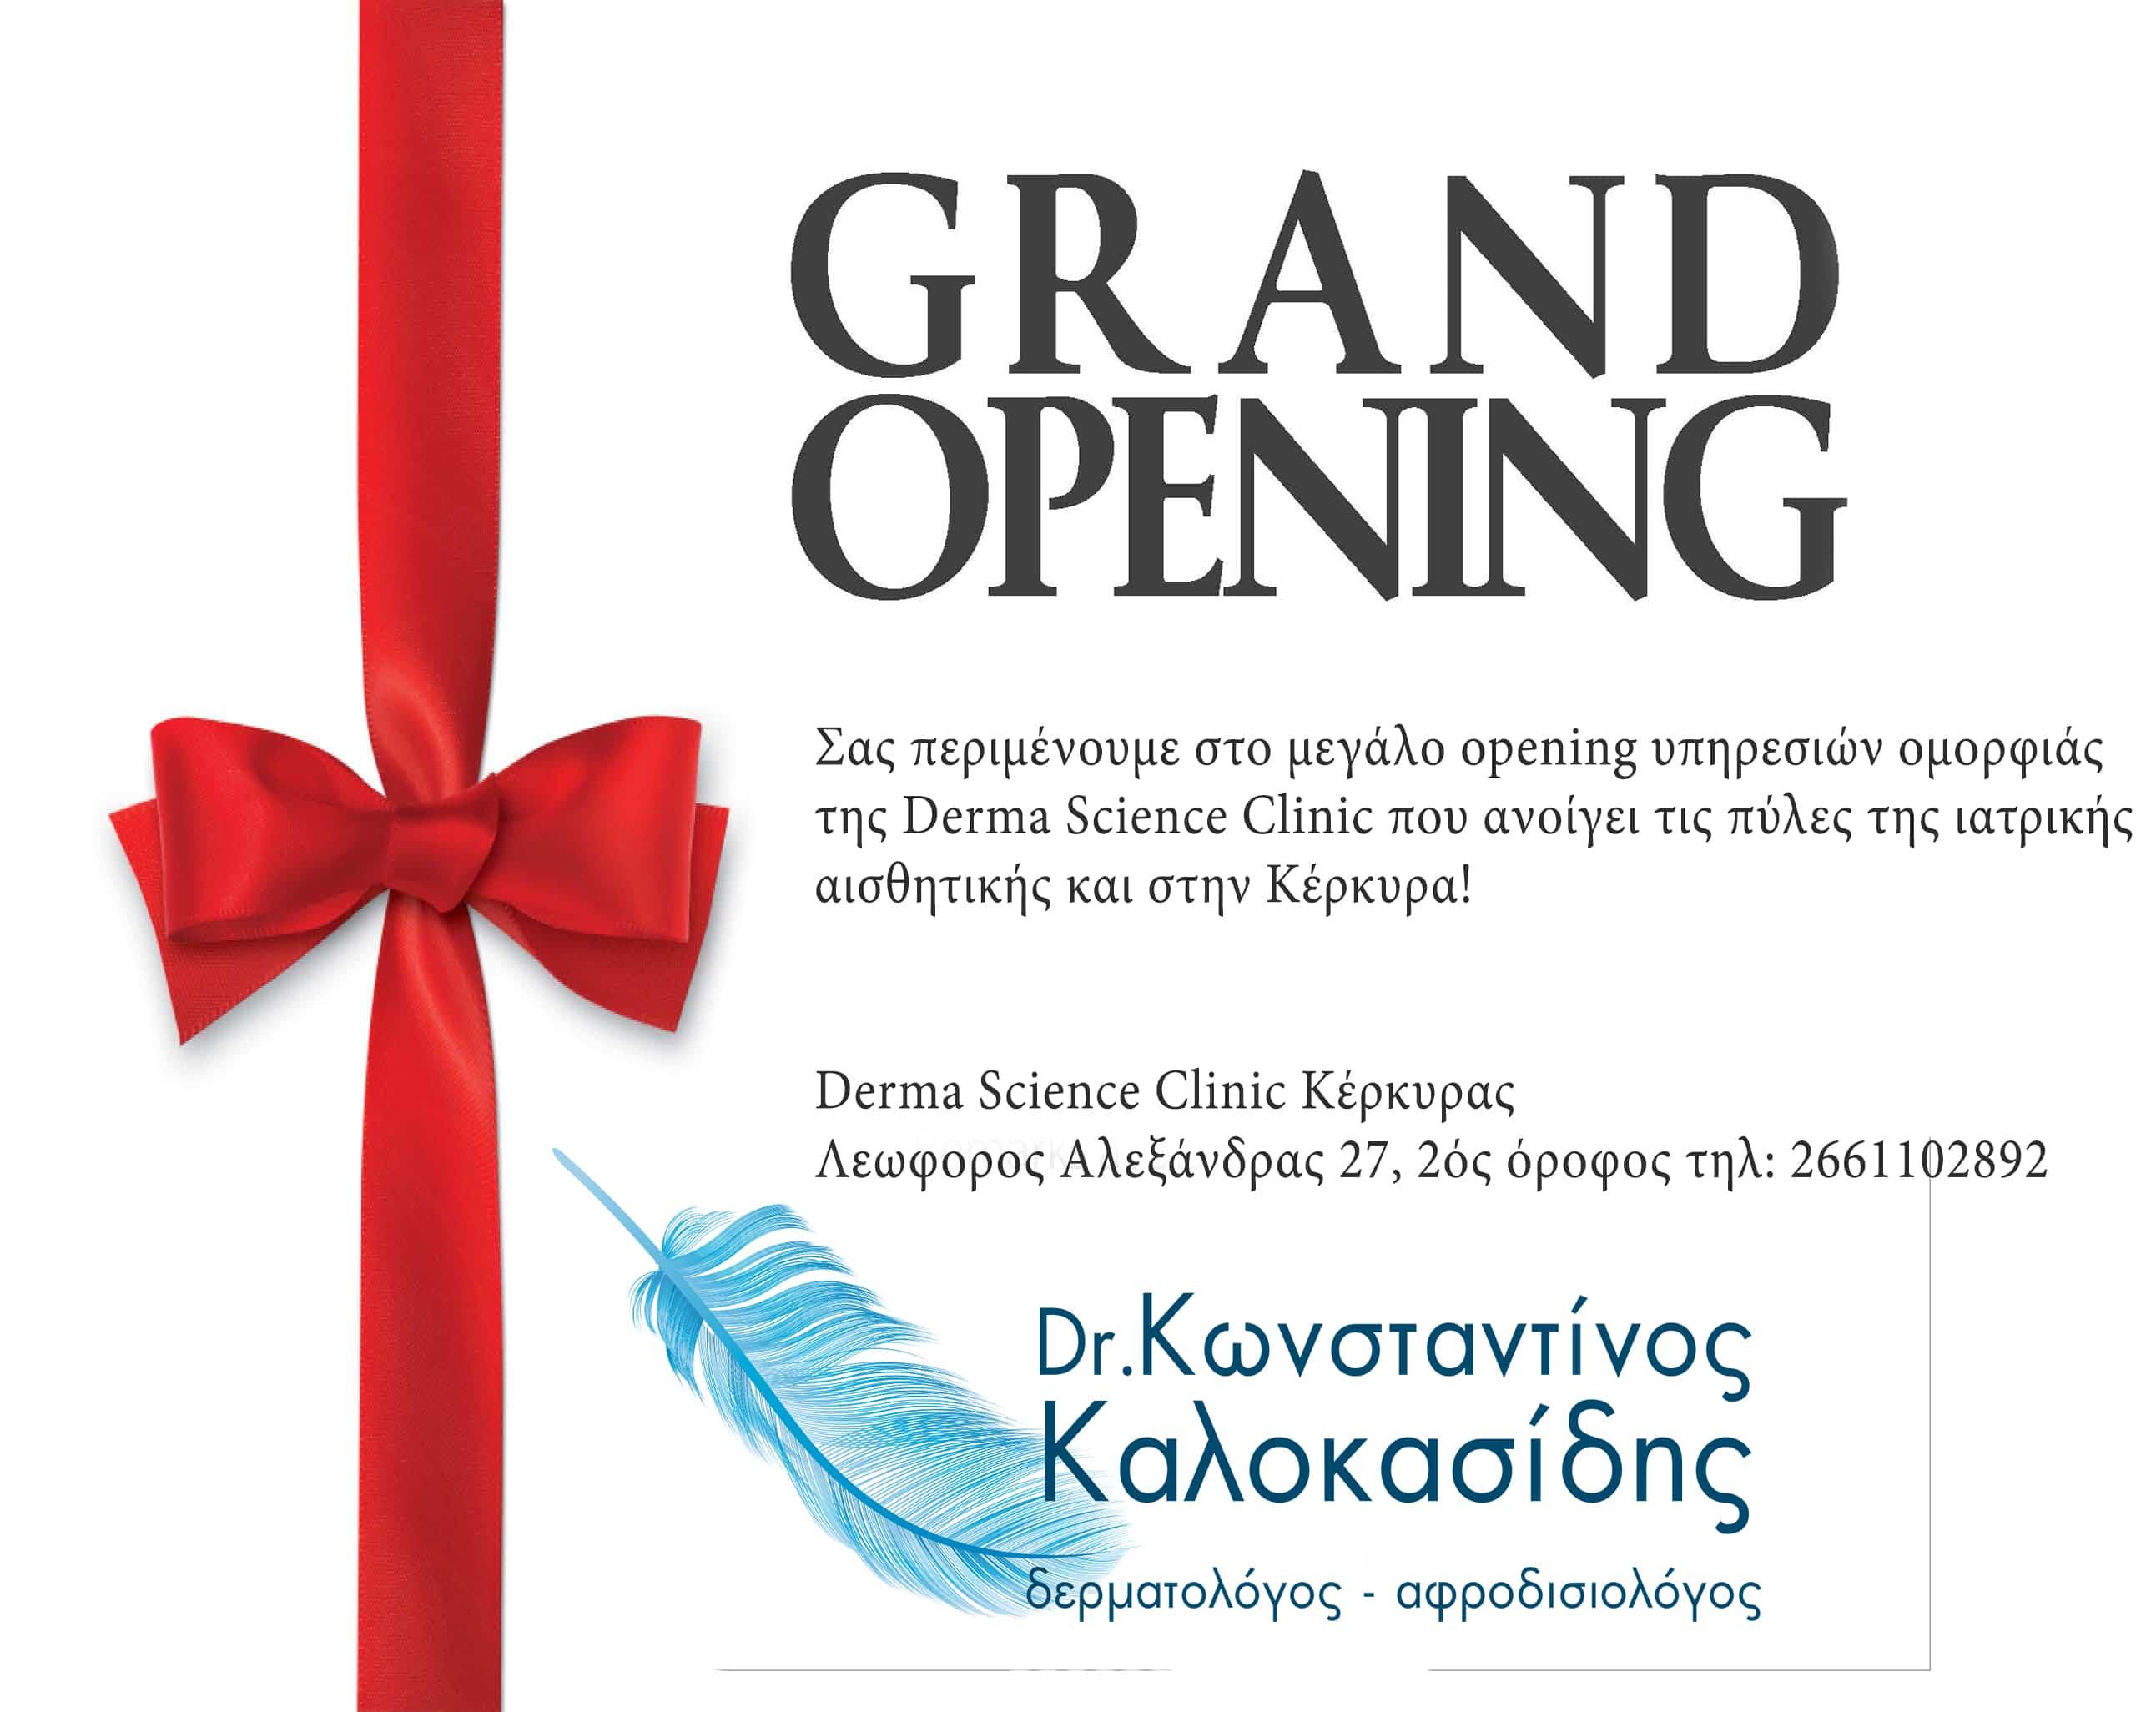 opening derma